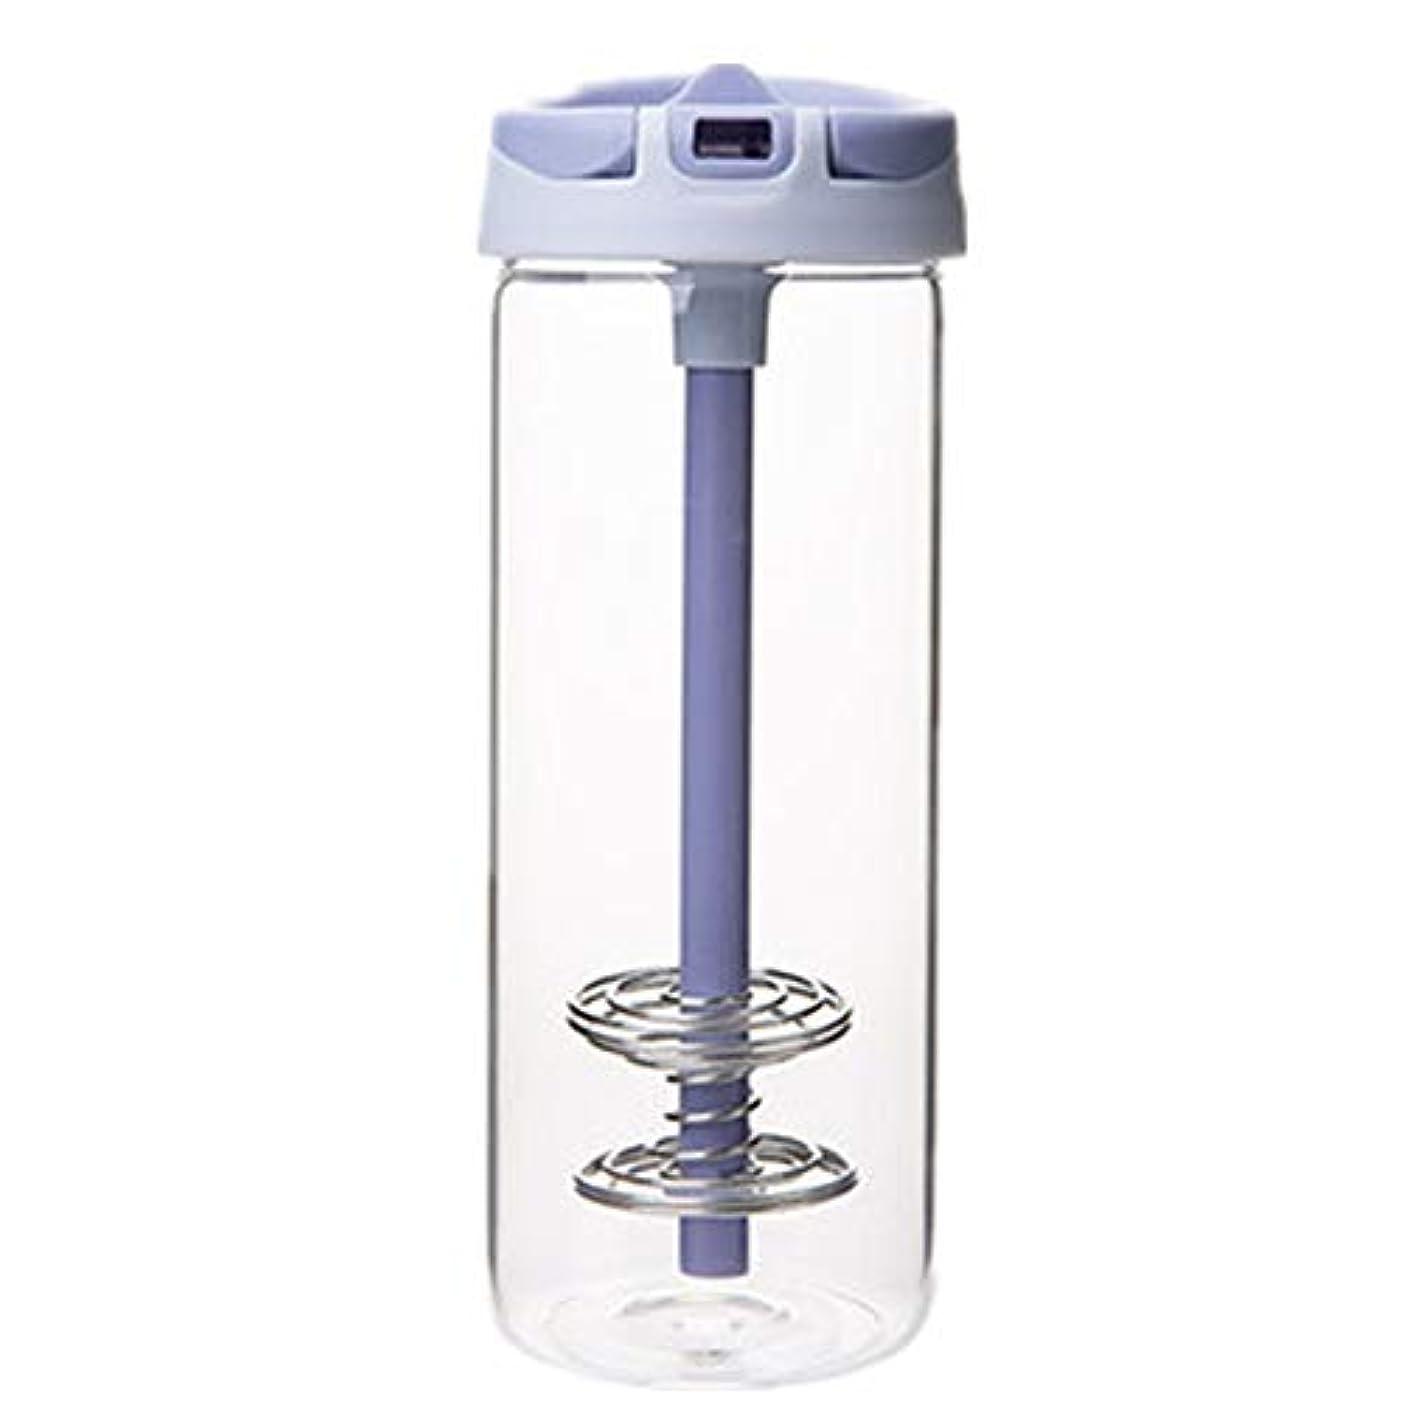 中性キャリア改修耐熱 ガラス ボトル ボトル ストロー付け 水筒 おしゃれ シェーカーボトル プロテイン 青汁 650ml 大容量 携帯 ウォーター ボトル